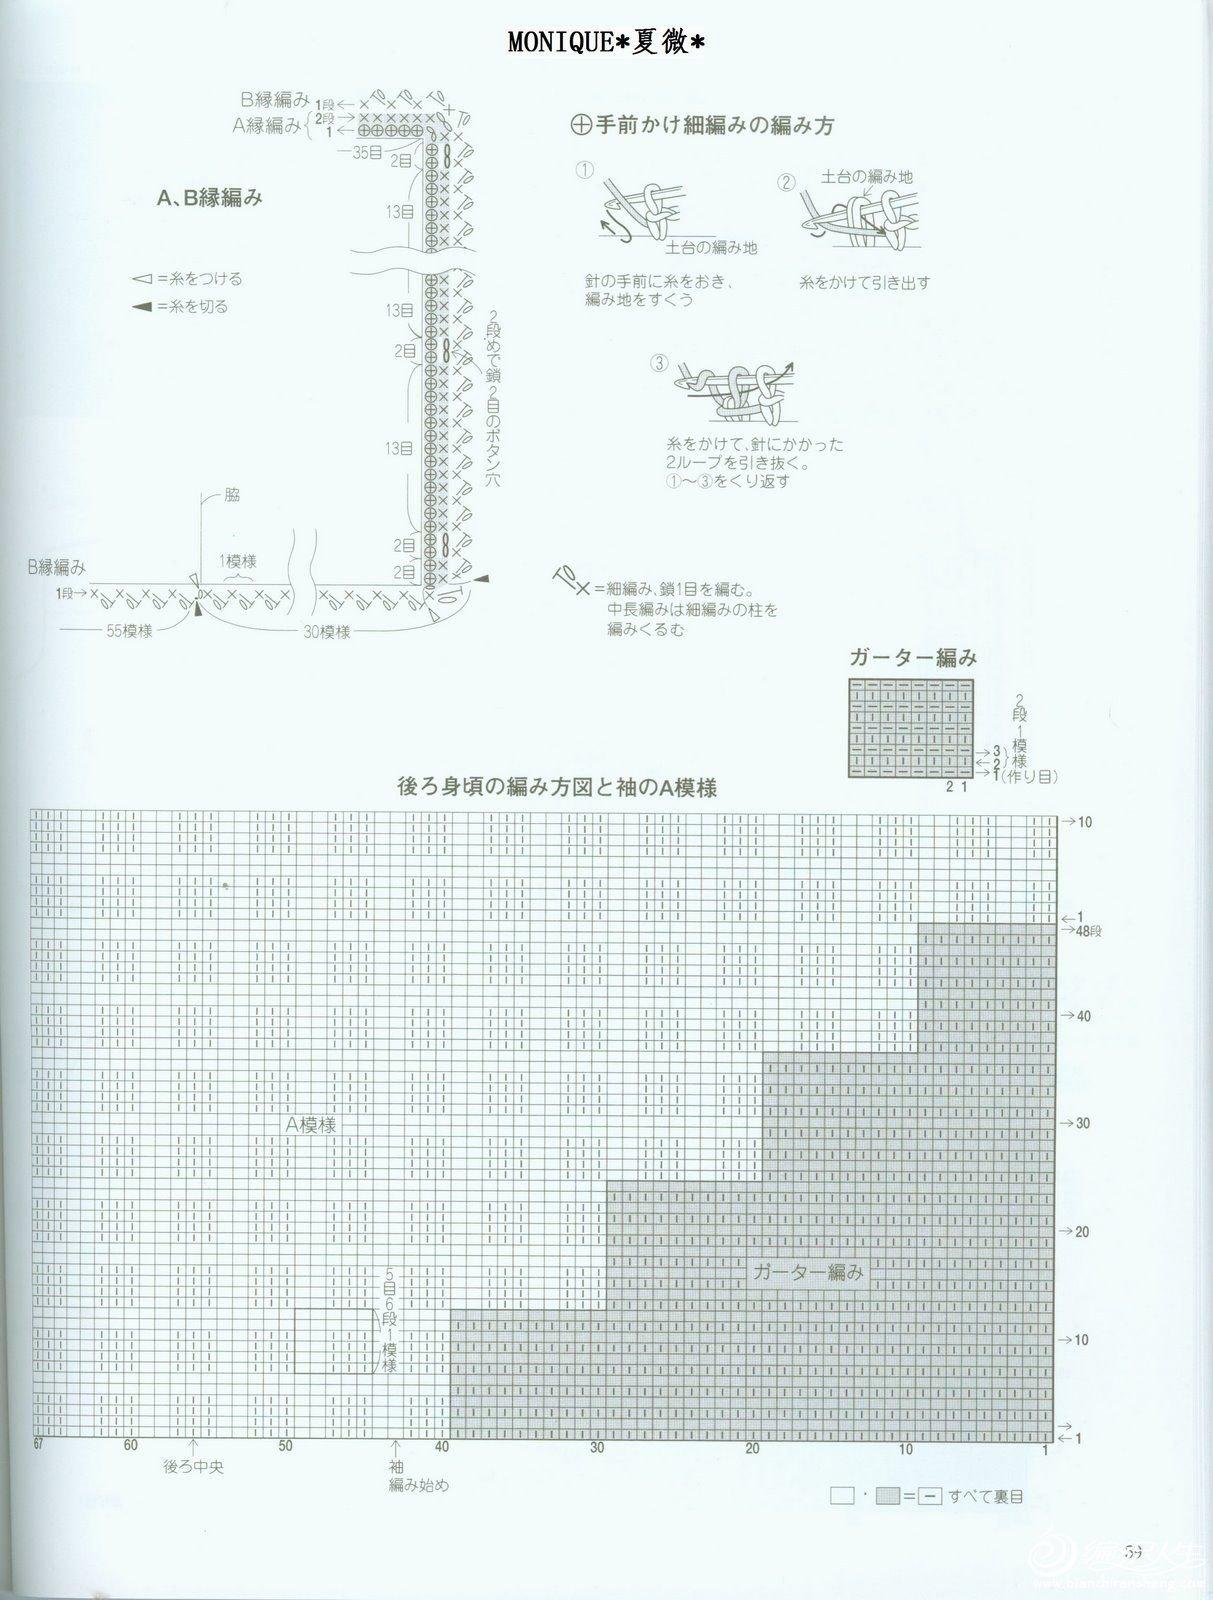 012b.JPG